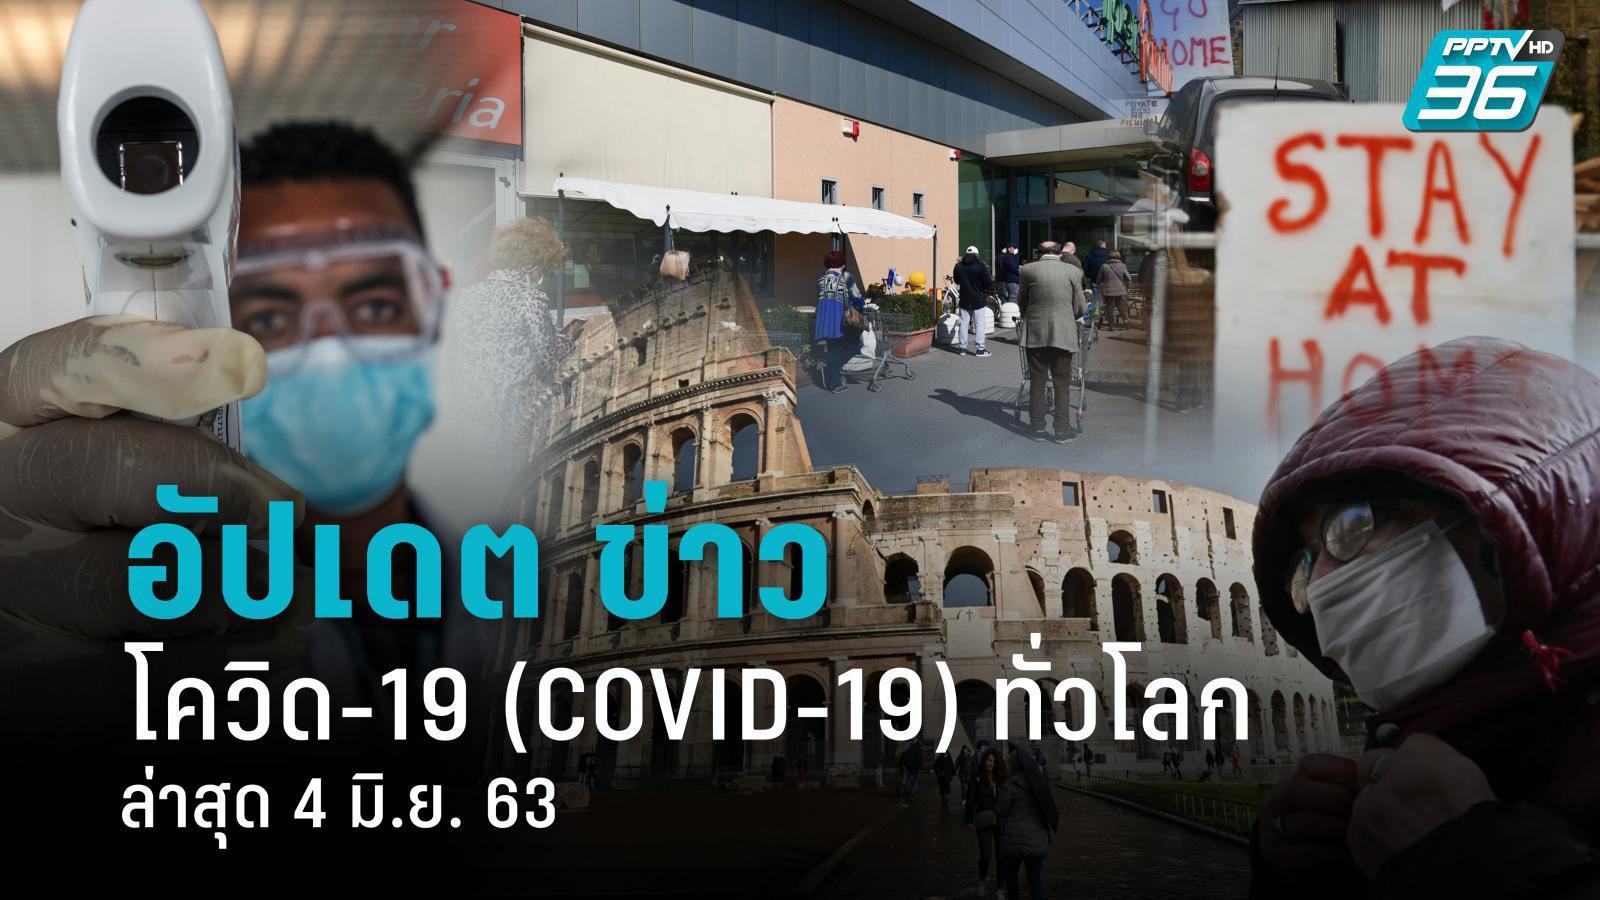 อัปเดตข่าว สถานการณ์ โควิด-19 ทั่วโลก ล่าสุด 4 มิ.ย. 63